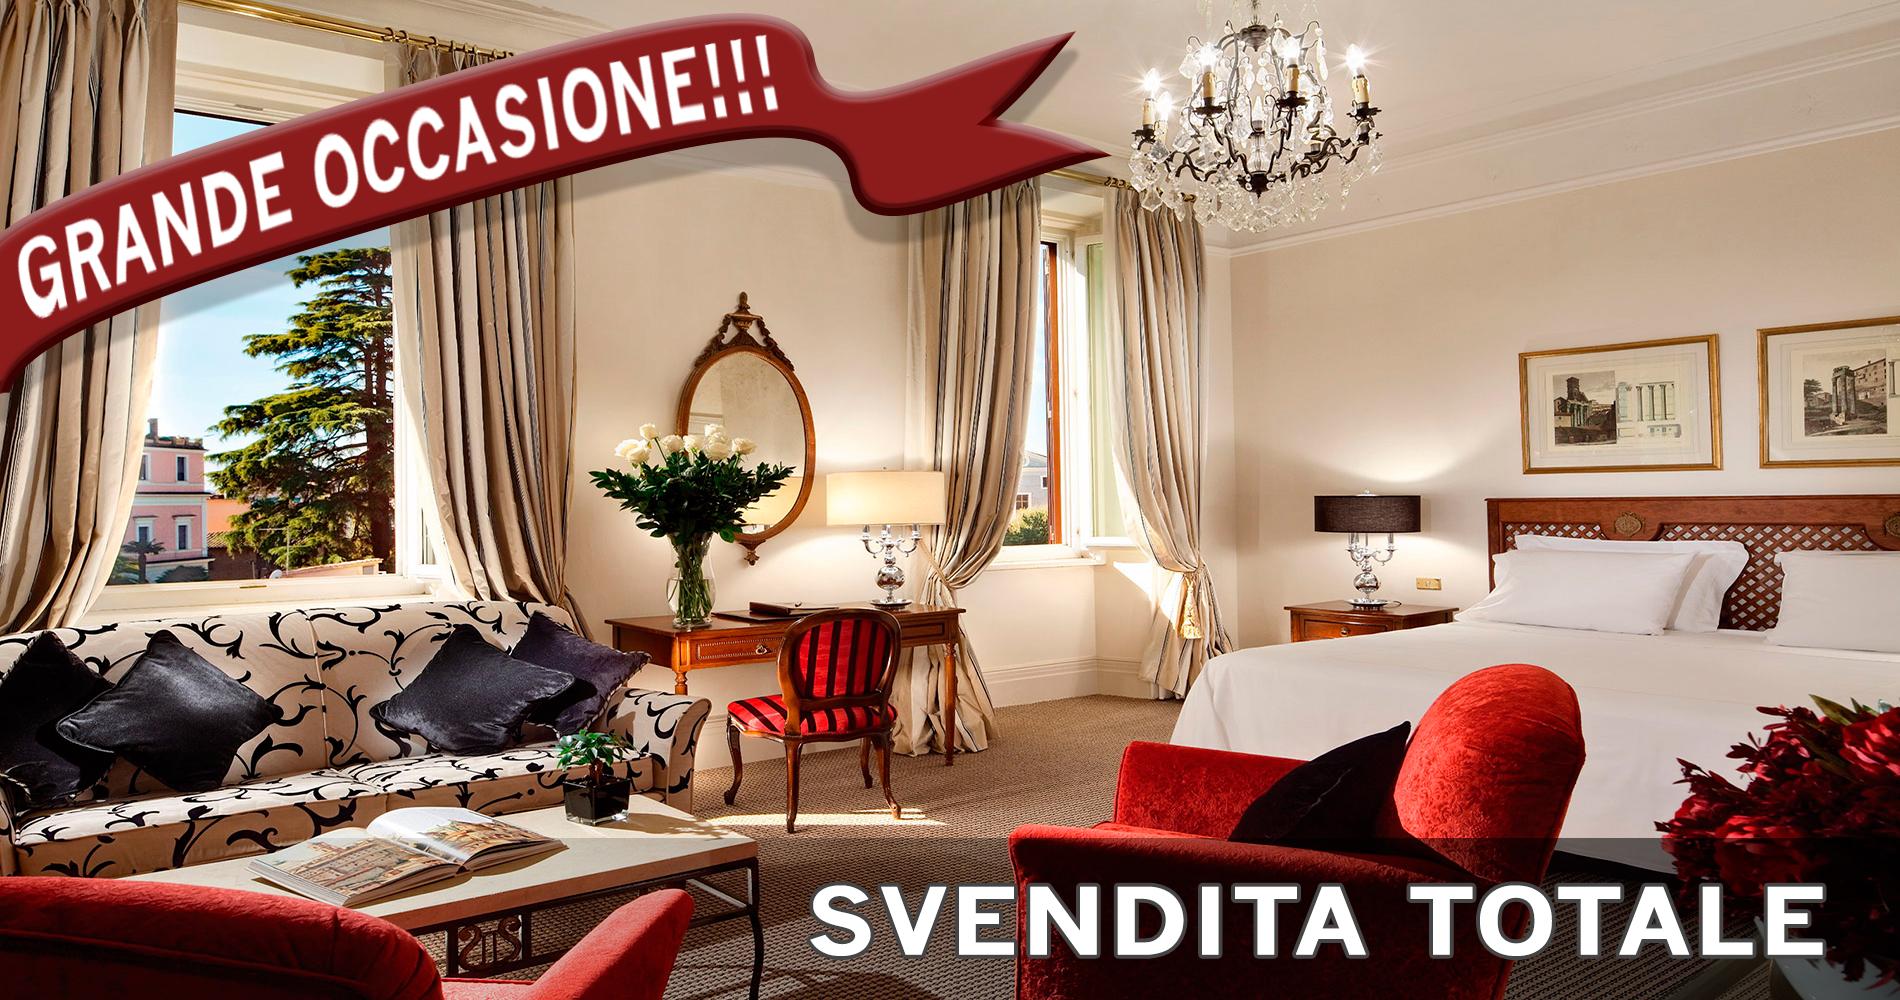 Arredi per hotel arredamenti per alberghi e hotel for Arredi per alberghi e hotel